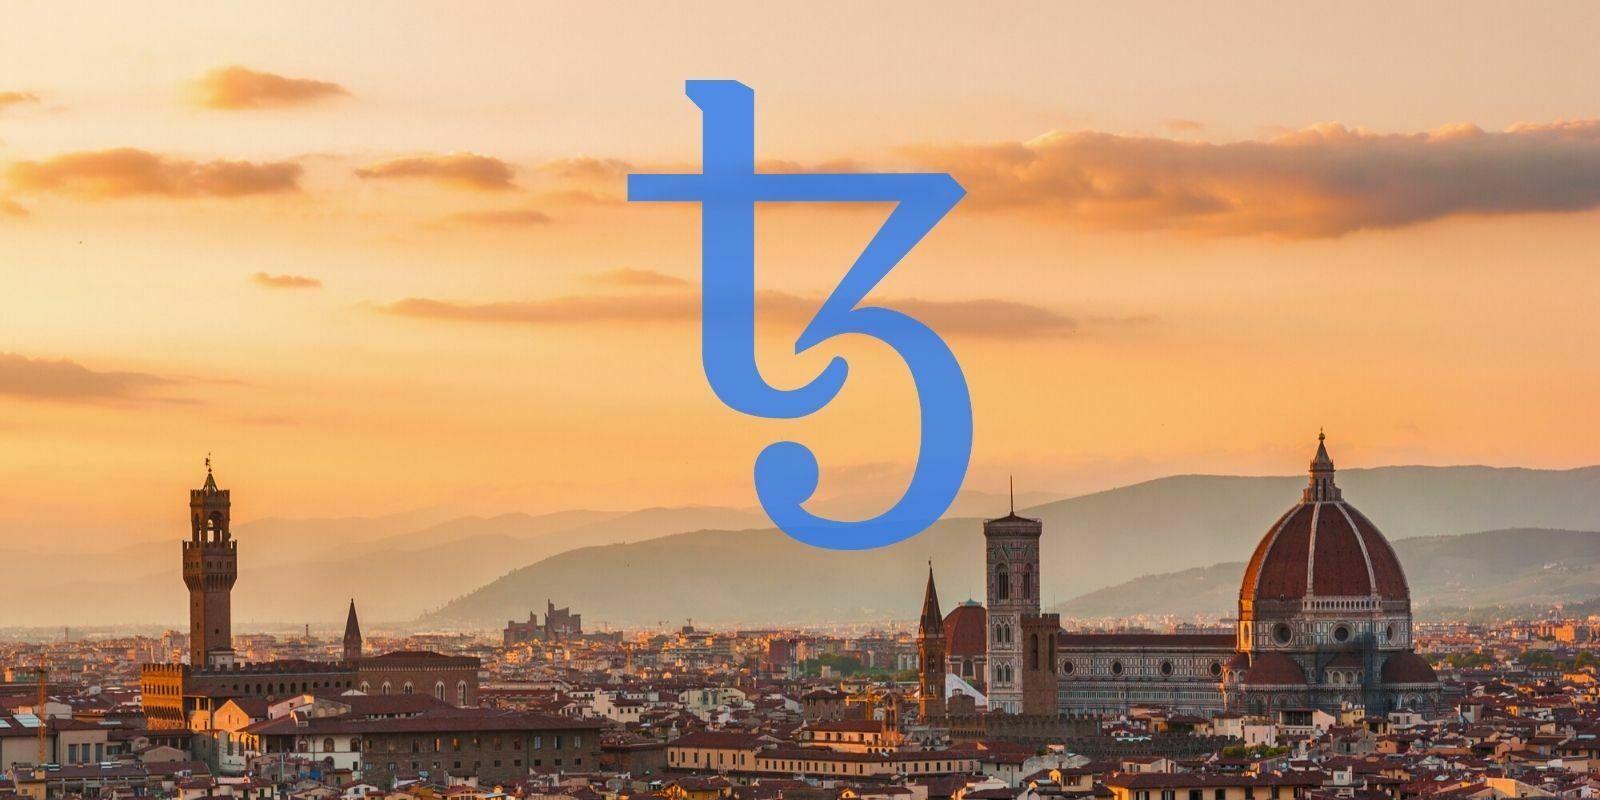 La mise à jour « Florence » adoptée par Tezos (XTZ) optimise davantage le protocole